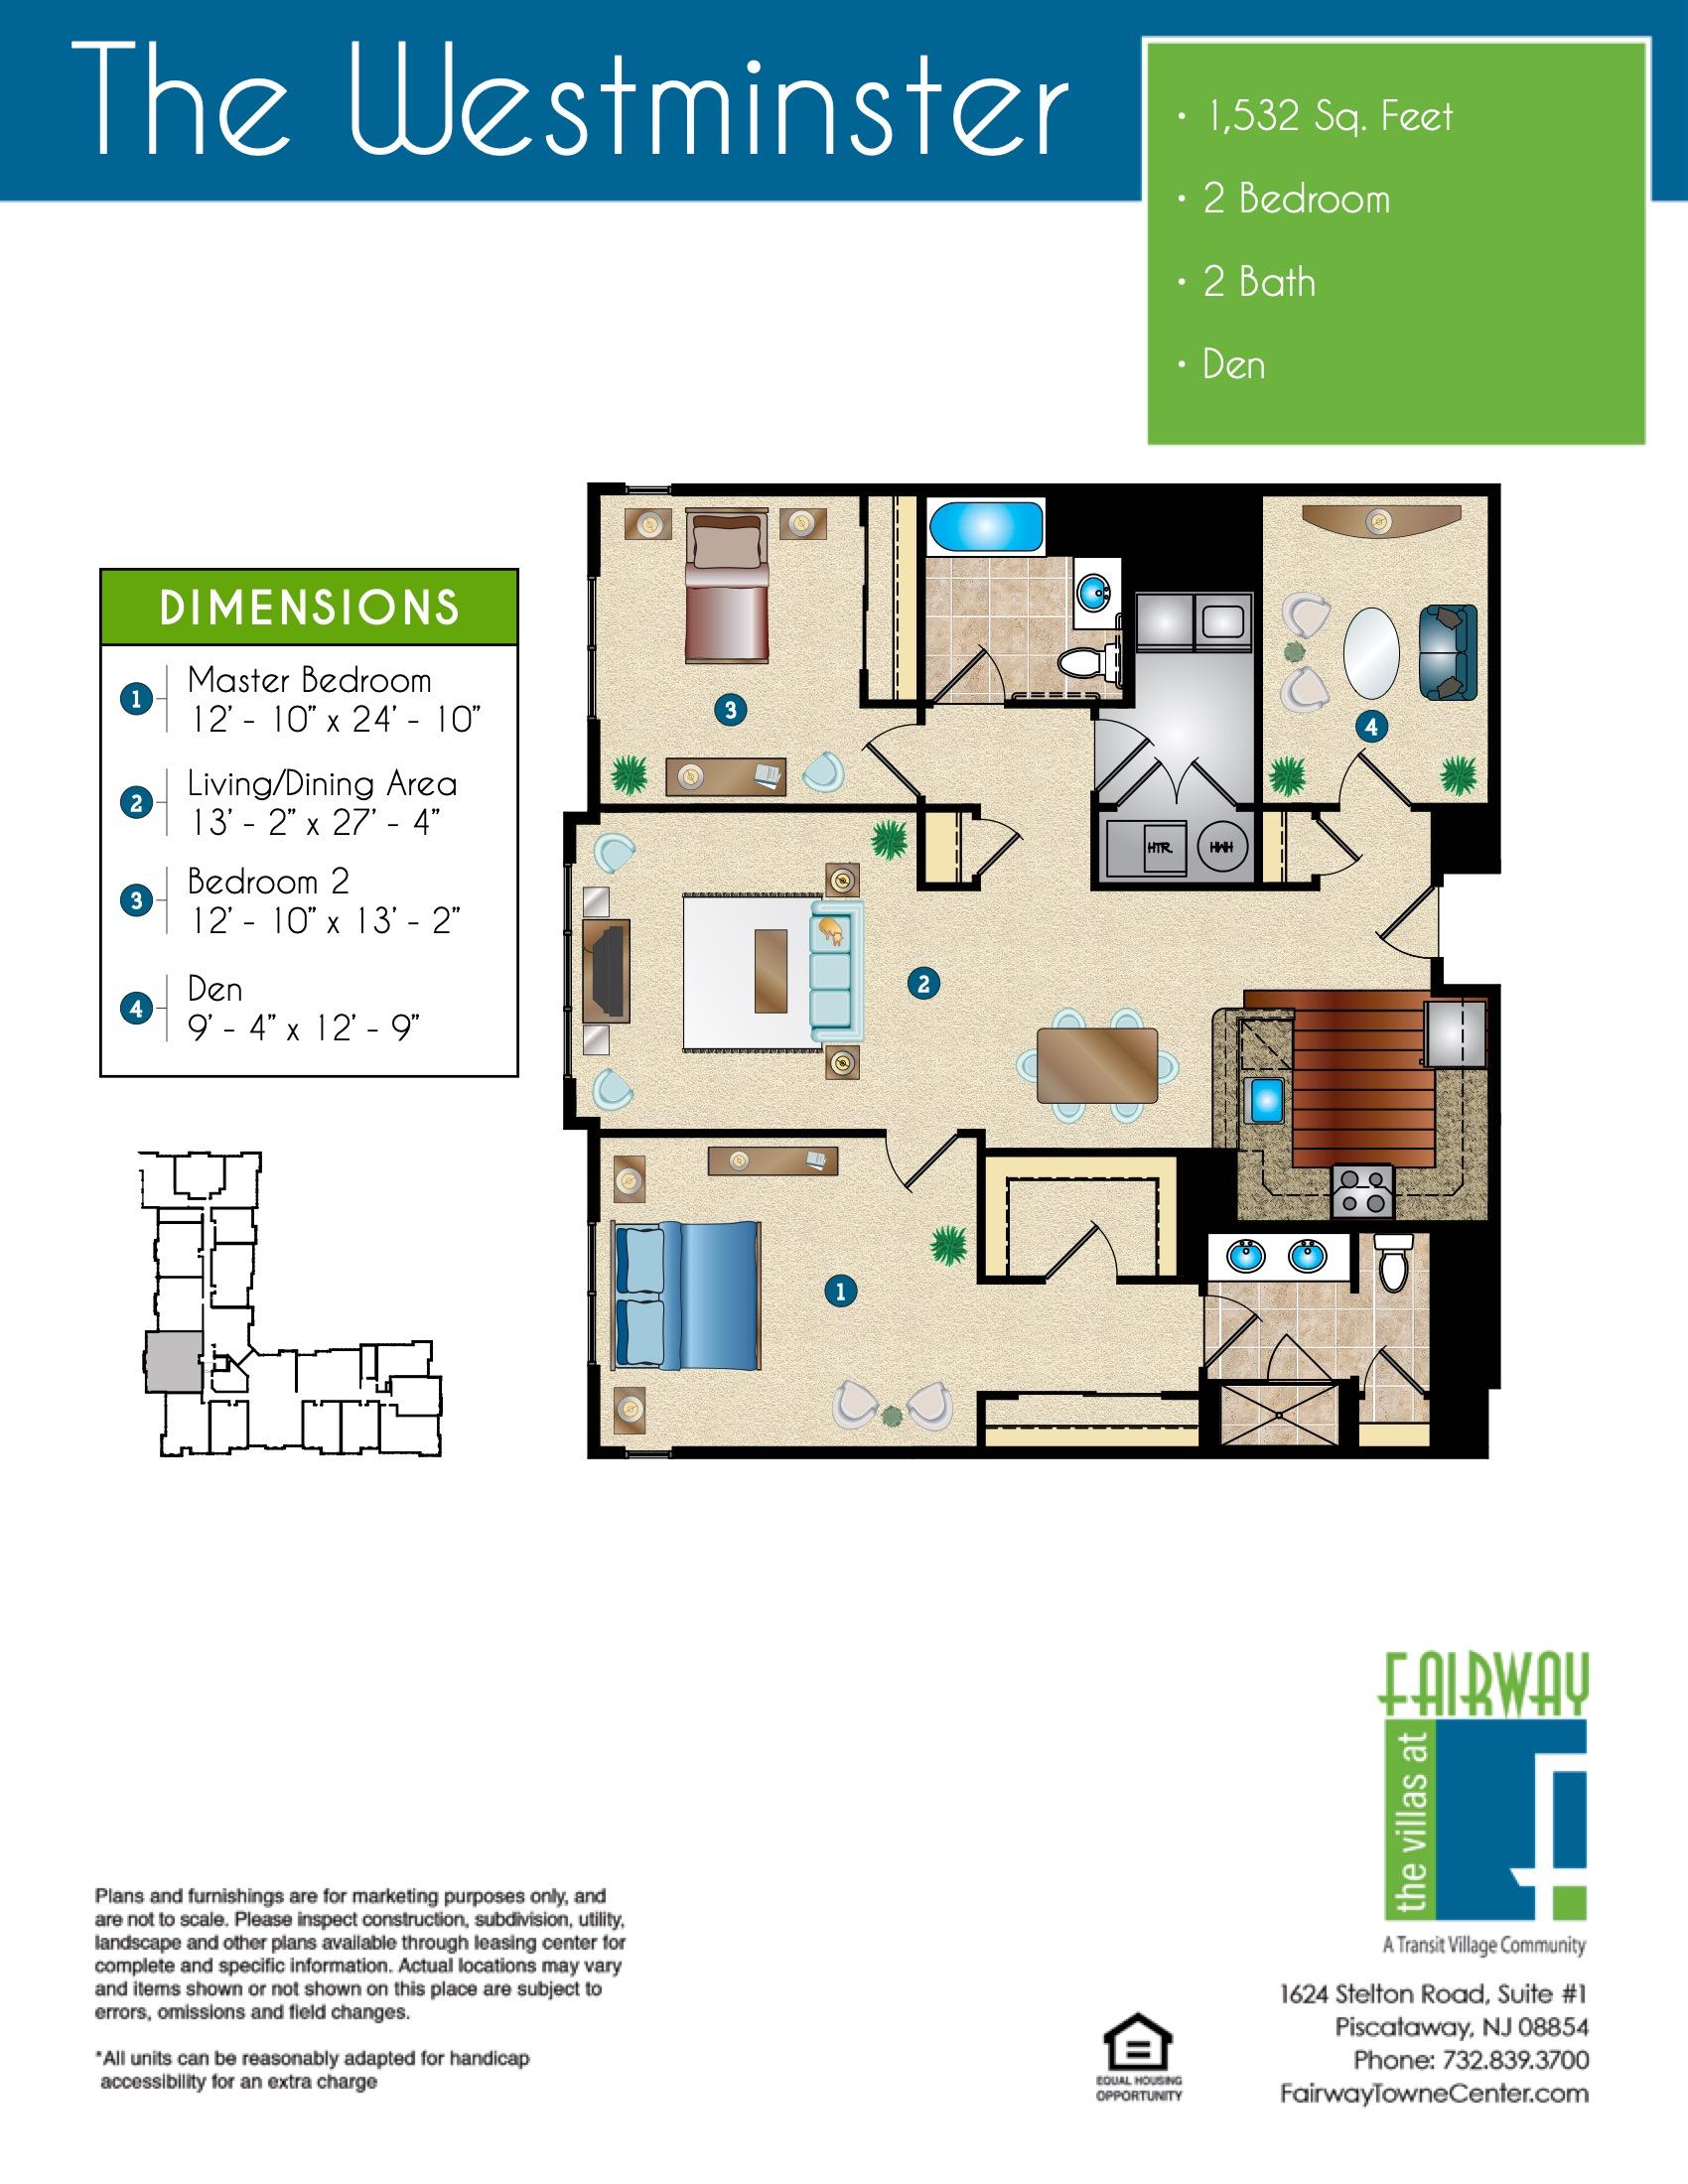 The Westminster Floor Plan